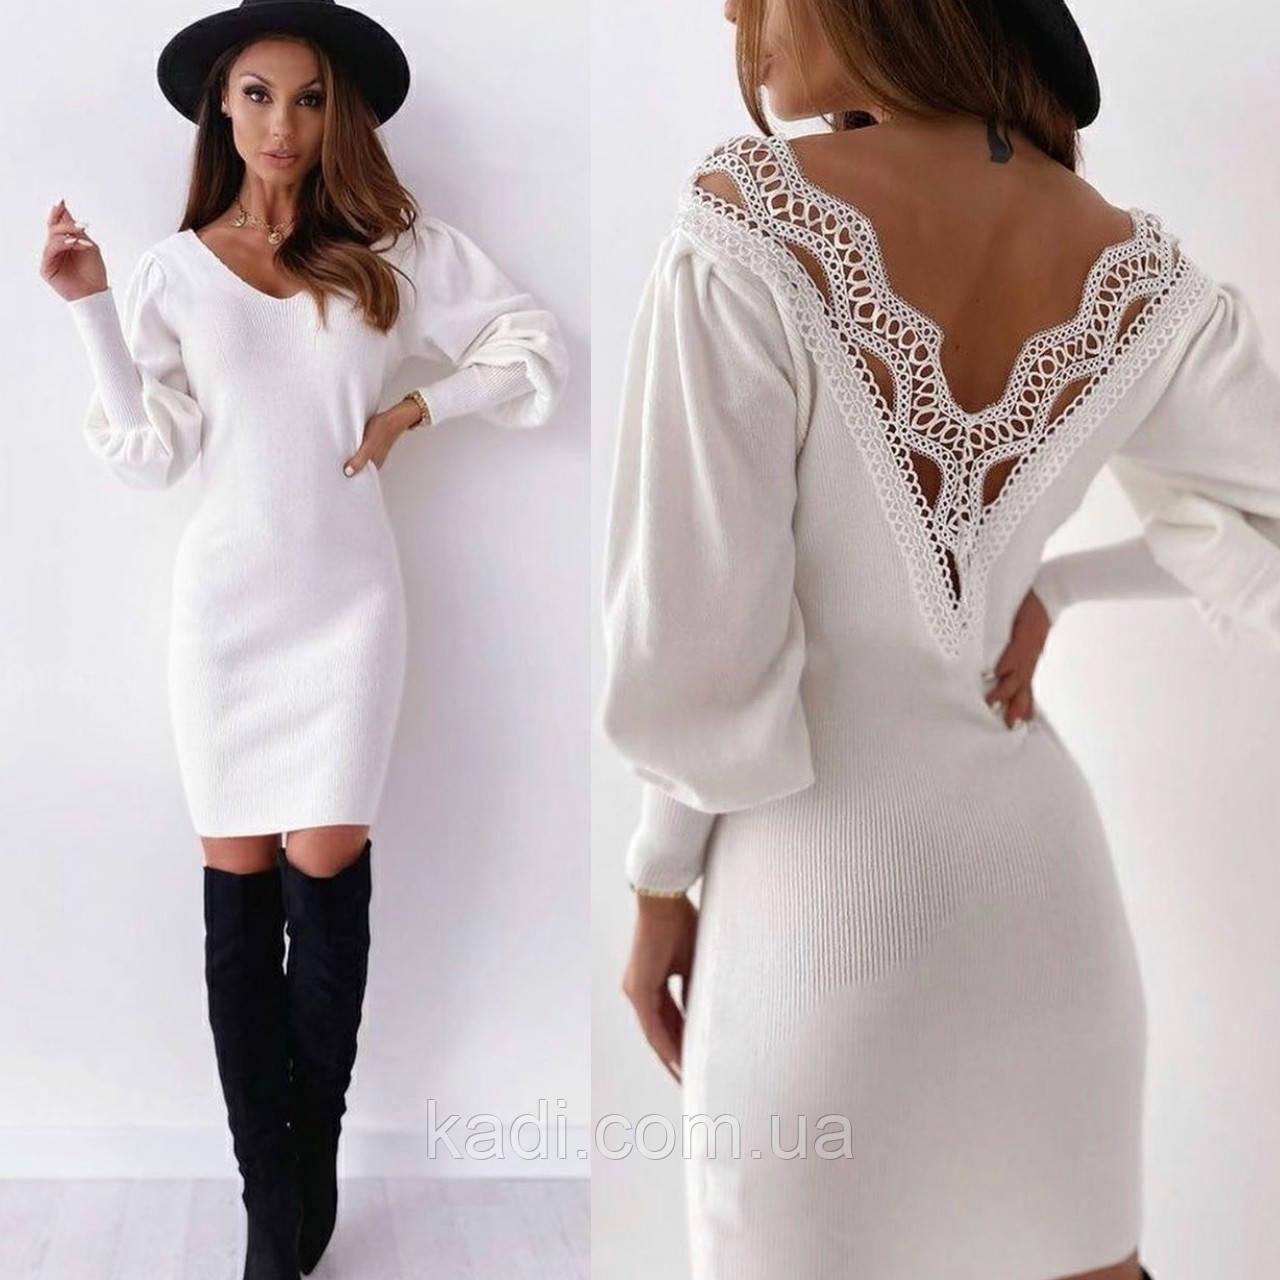 Платье с ажурной спиной / арт.507